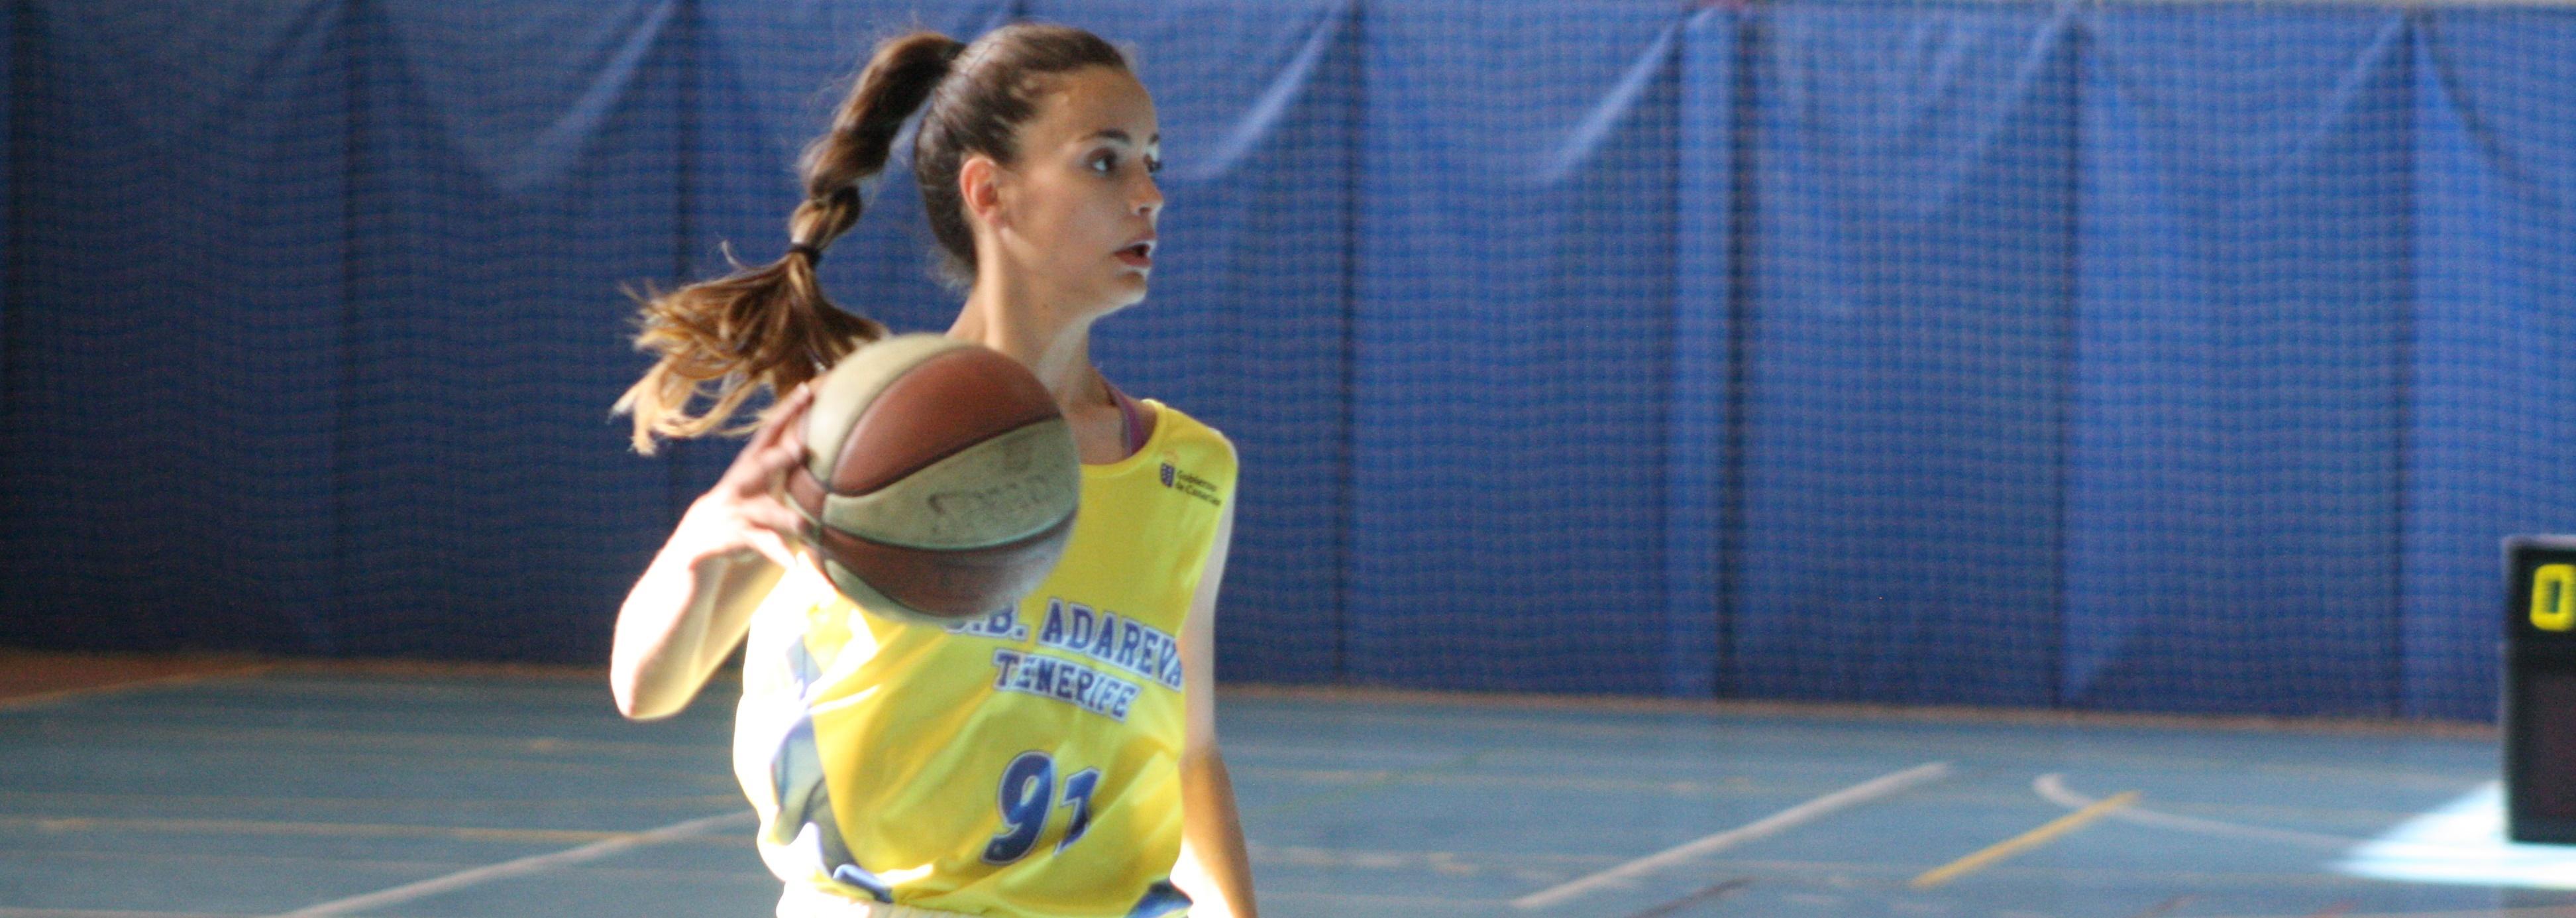 Alba Peña buscará el ascenso a Liga Femenina 2 con el Adareva